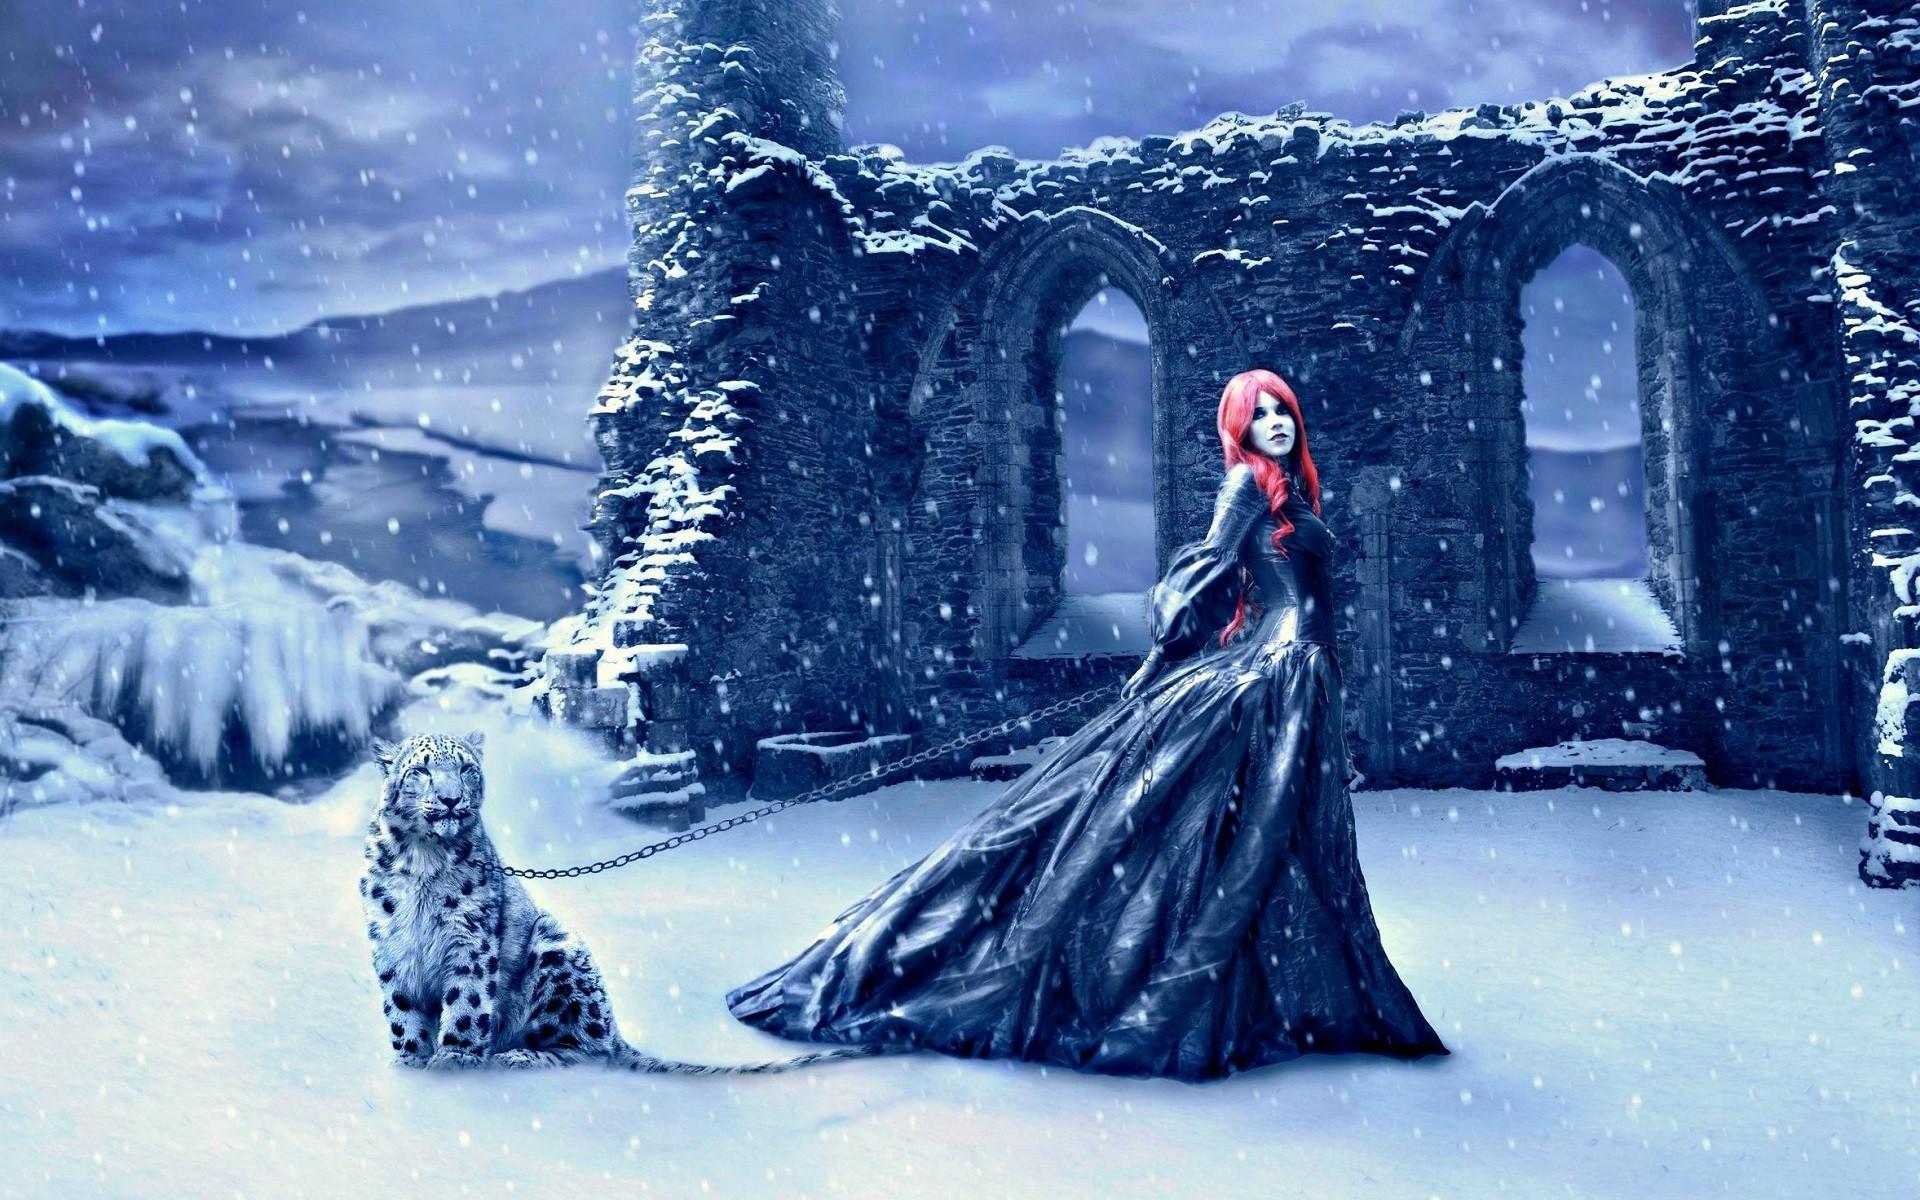 попытке лес зимой и сказка фэнтези фото помощью техники